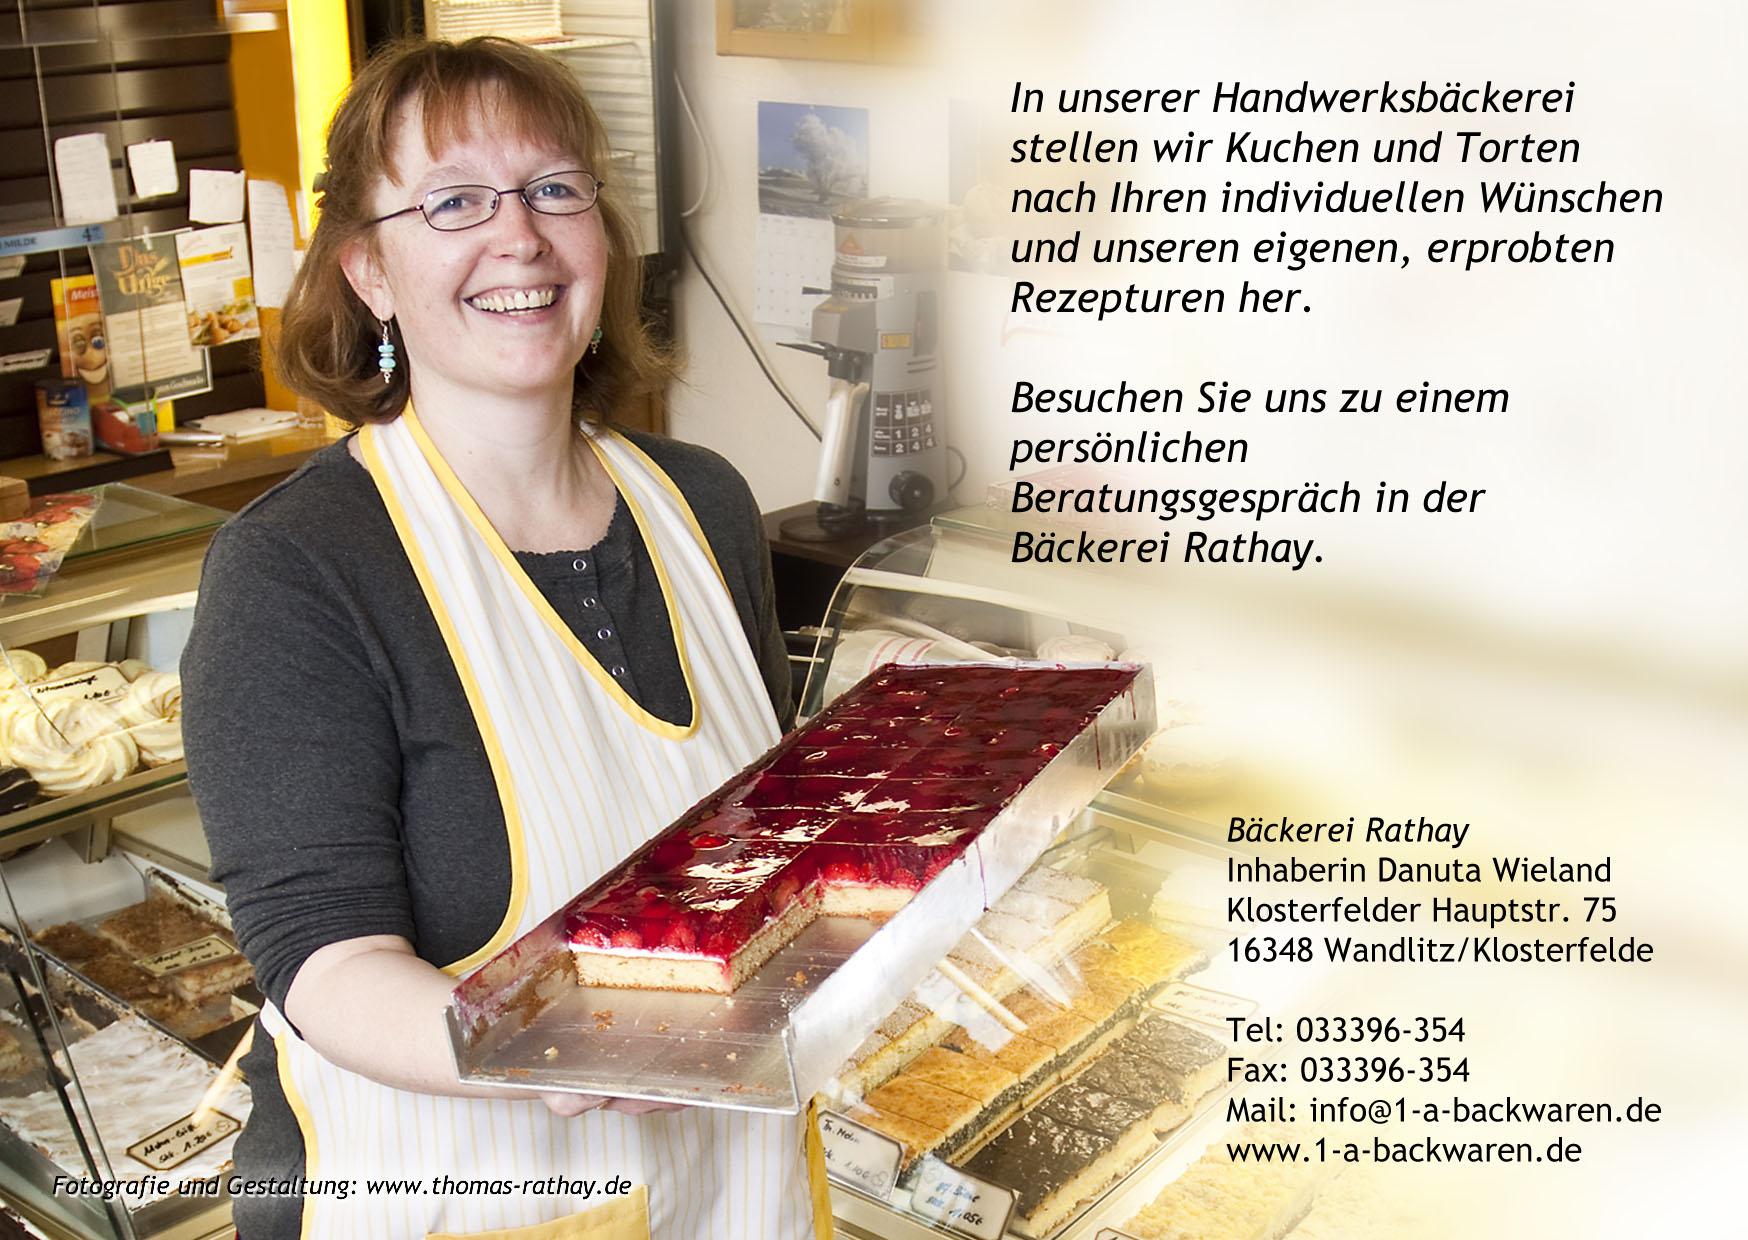 Bäckerei Rathay - Inhaberin Danuta Wieland